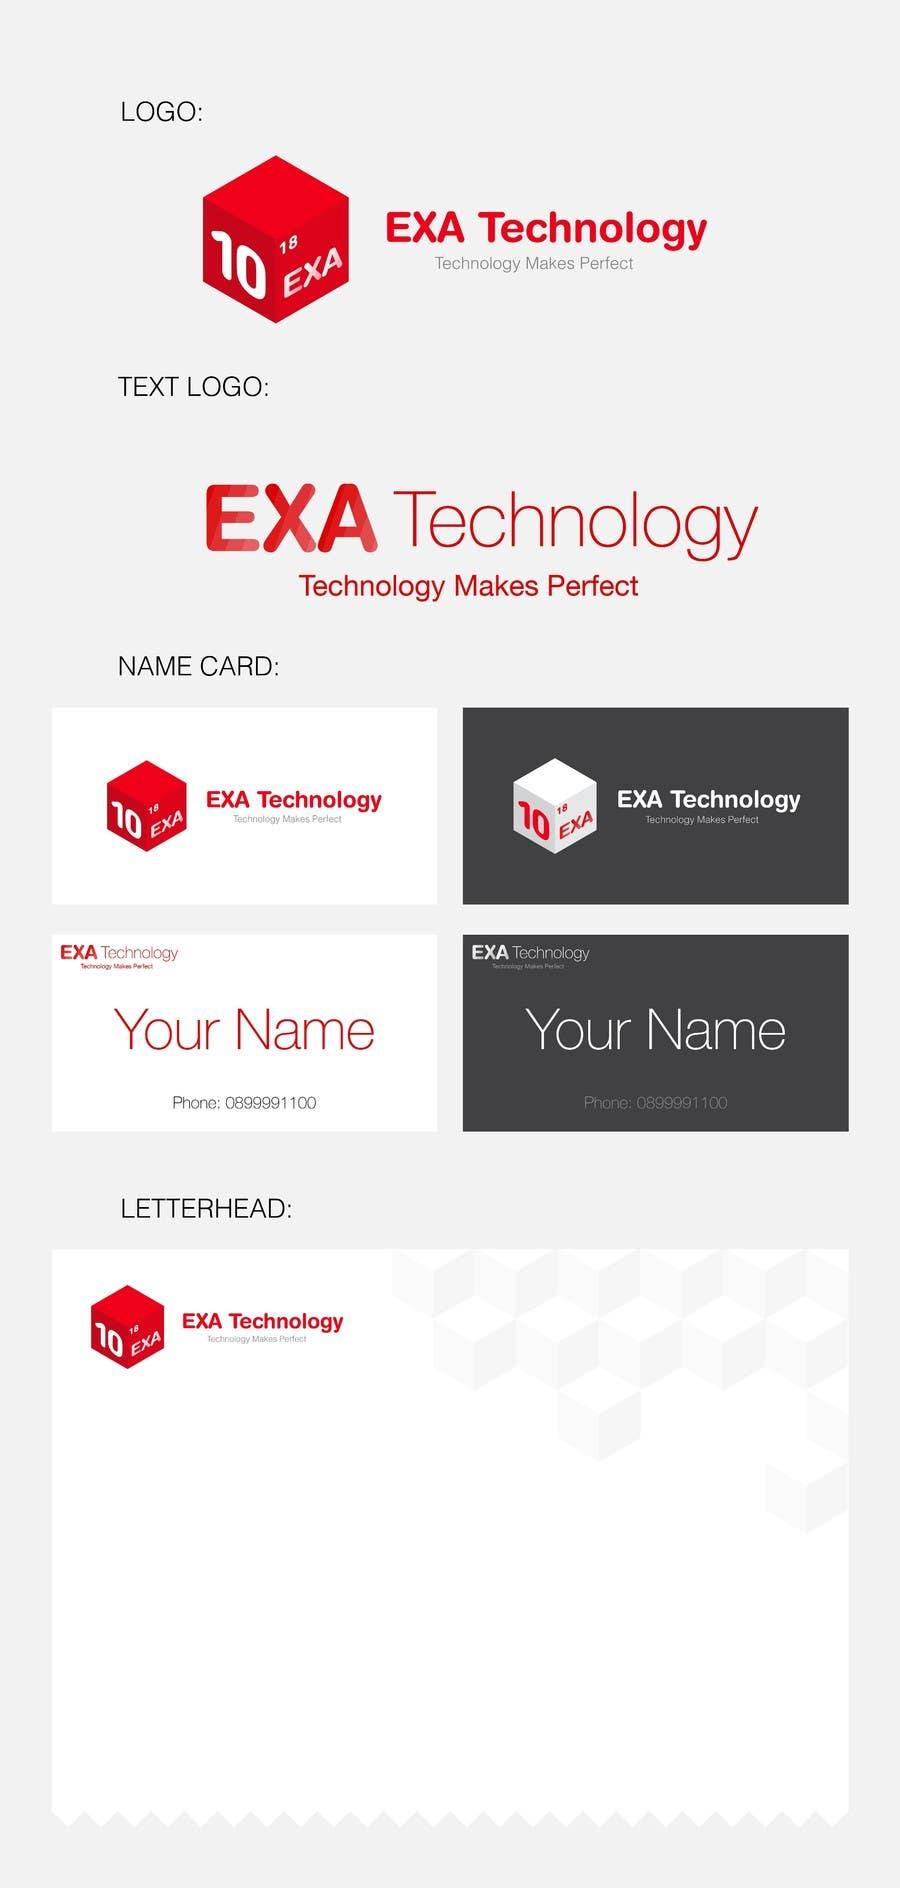 Penyertaan Peraduan #                                        69                                      untuk                                         Design a Logo for a Software Technology Company